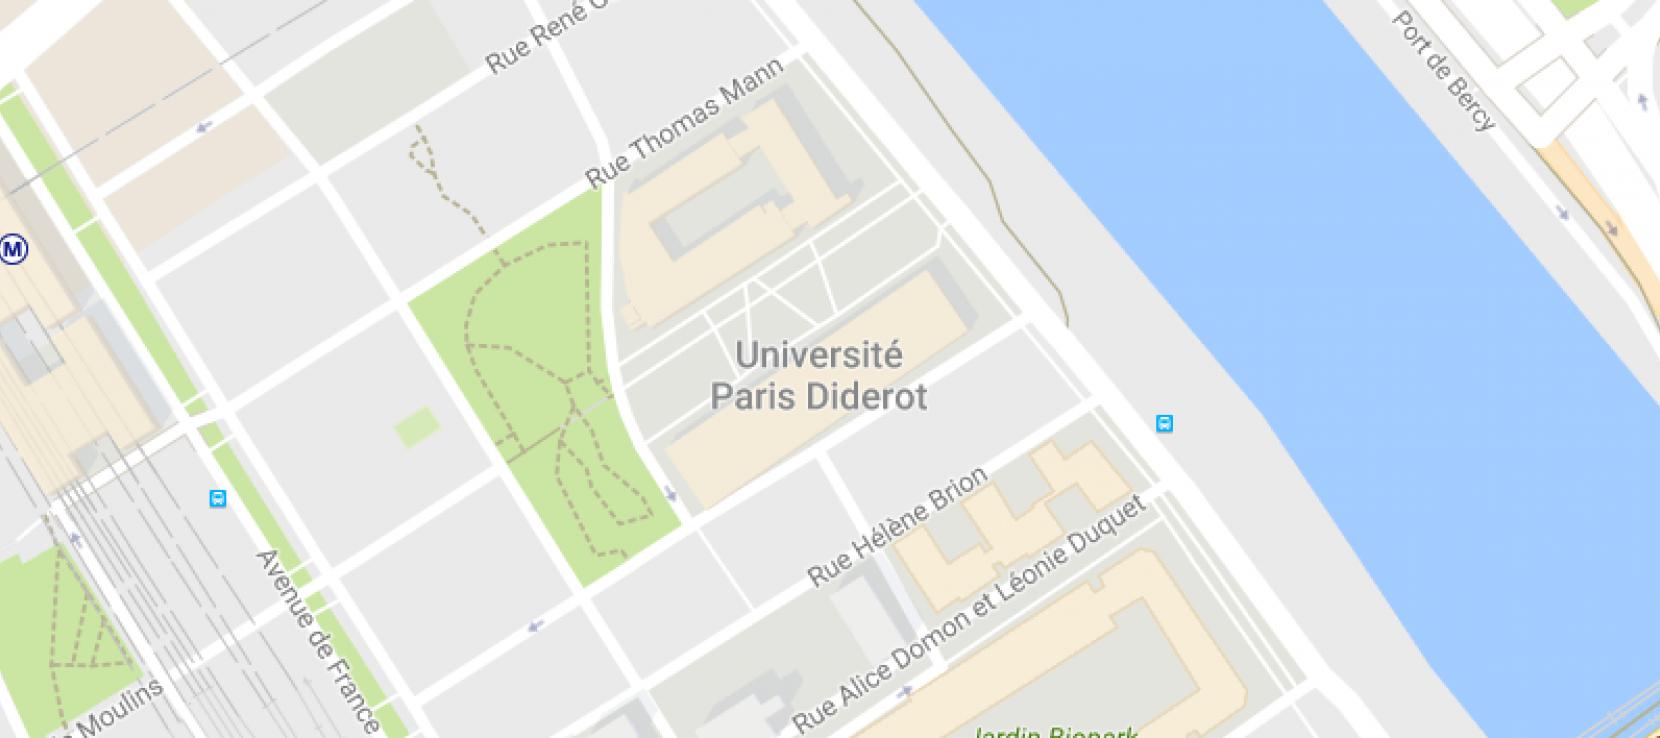 Universit paris diderot universit paris diderot venir aux relations internationales de - Bureau des relations internationales ...